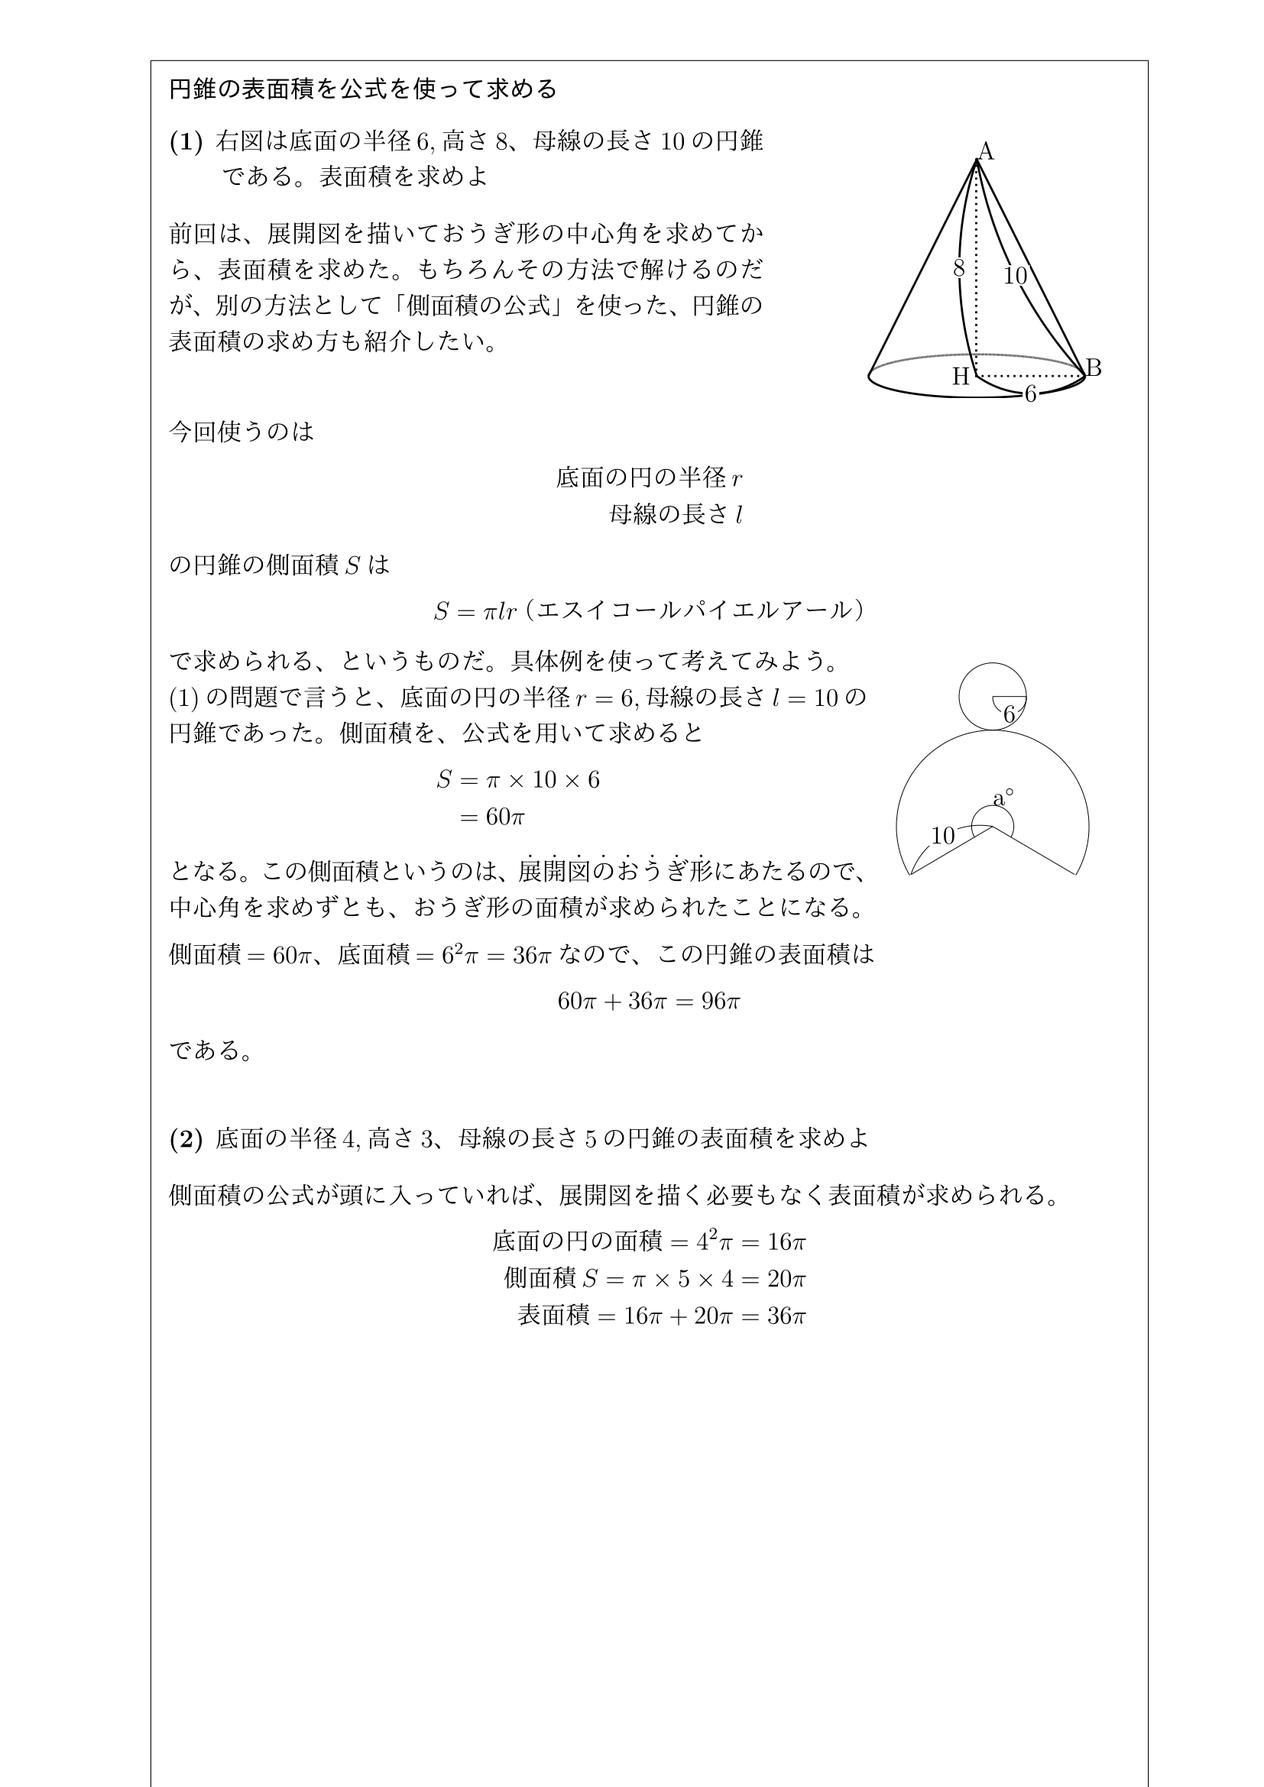 側面積の公式を使って円錐の表面積を求める